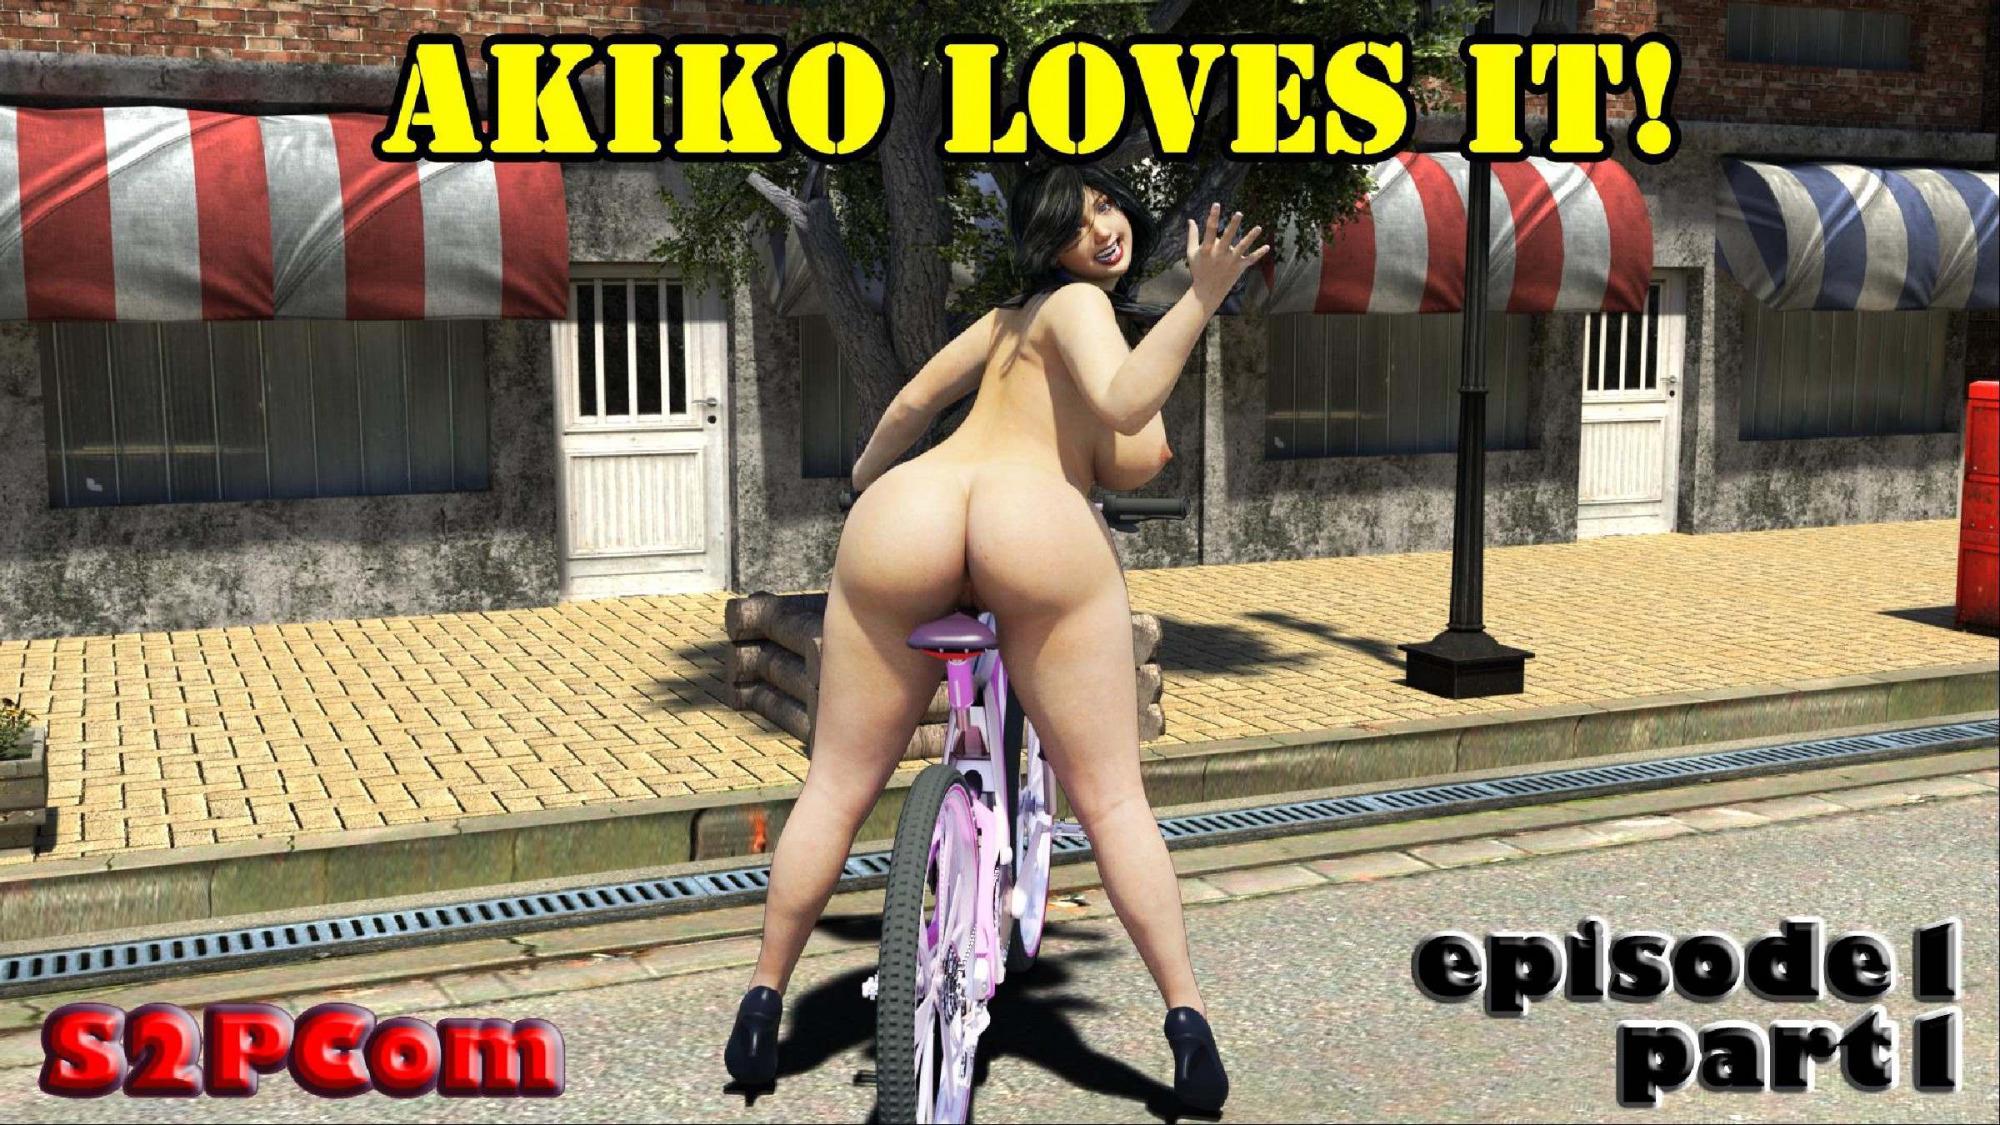 Porn Comics - S2PCom- Akiko Loves It Episode.1 porn comics 8 muses